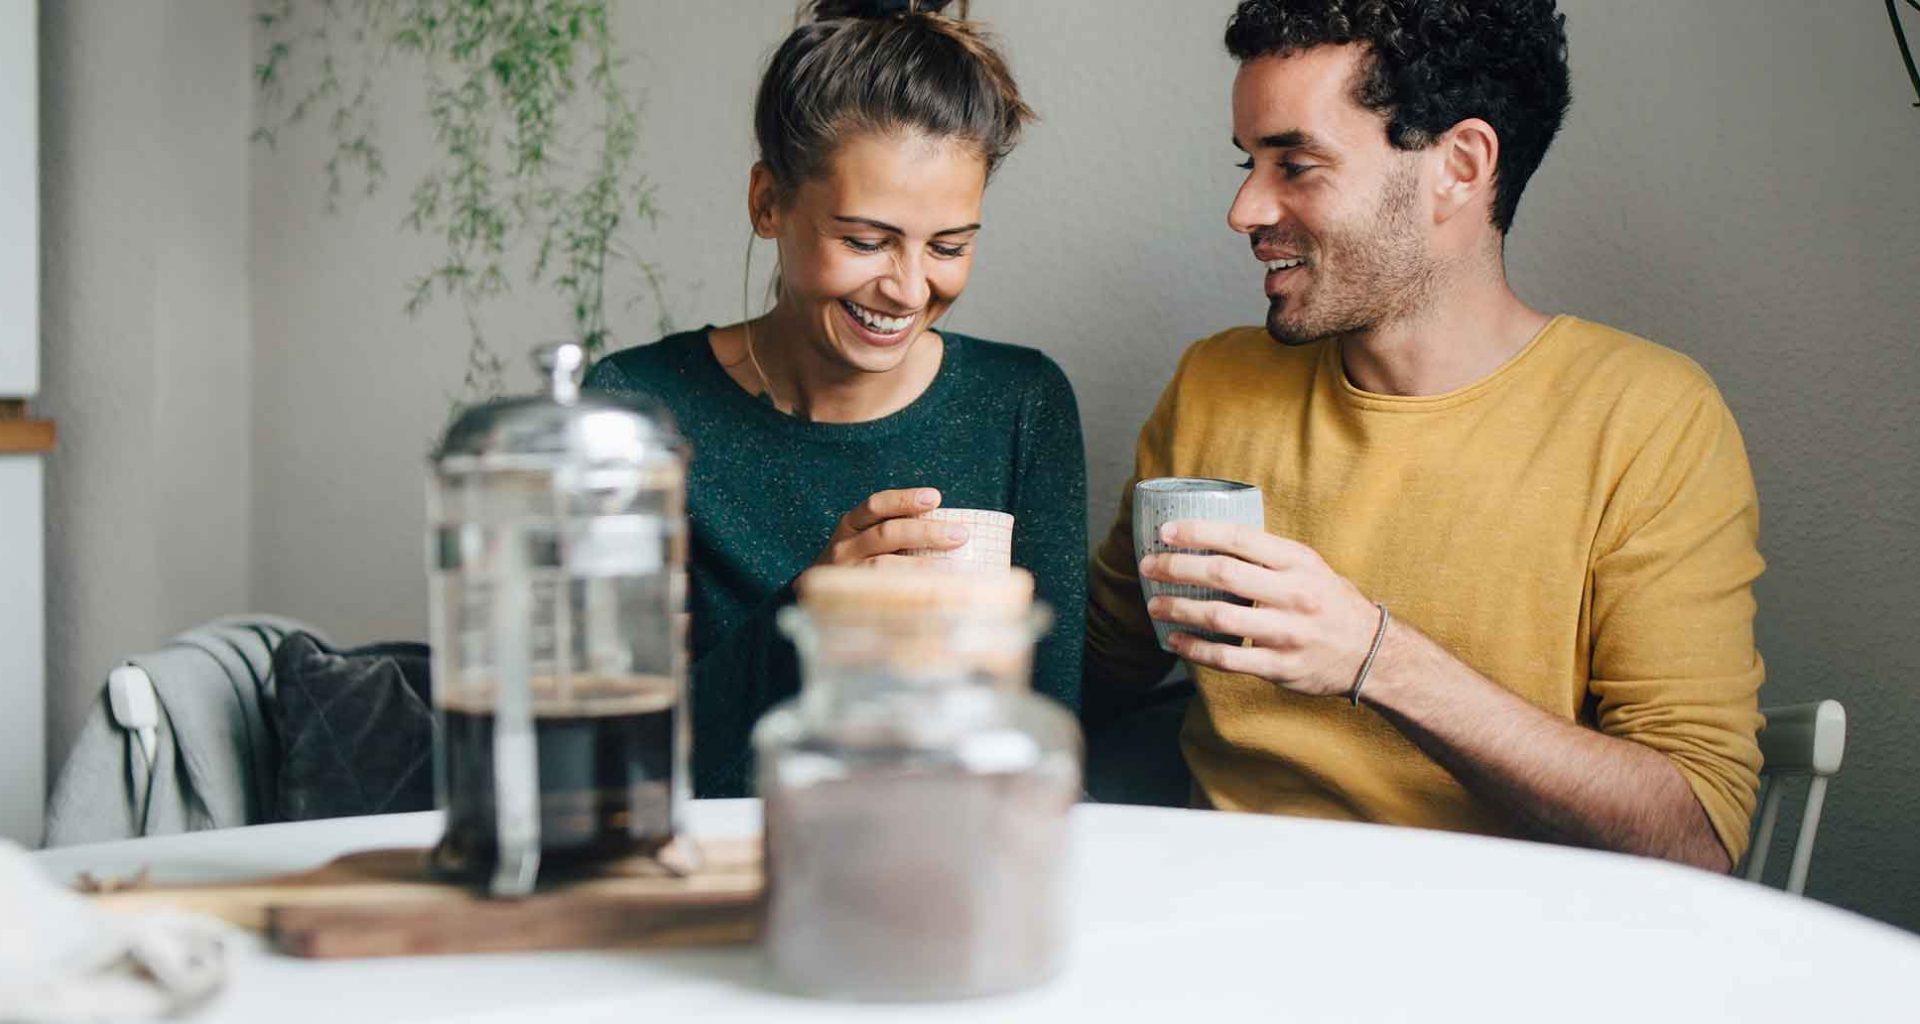 Warum kleine Überraschungen in der Beziehung so wichtig sind